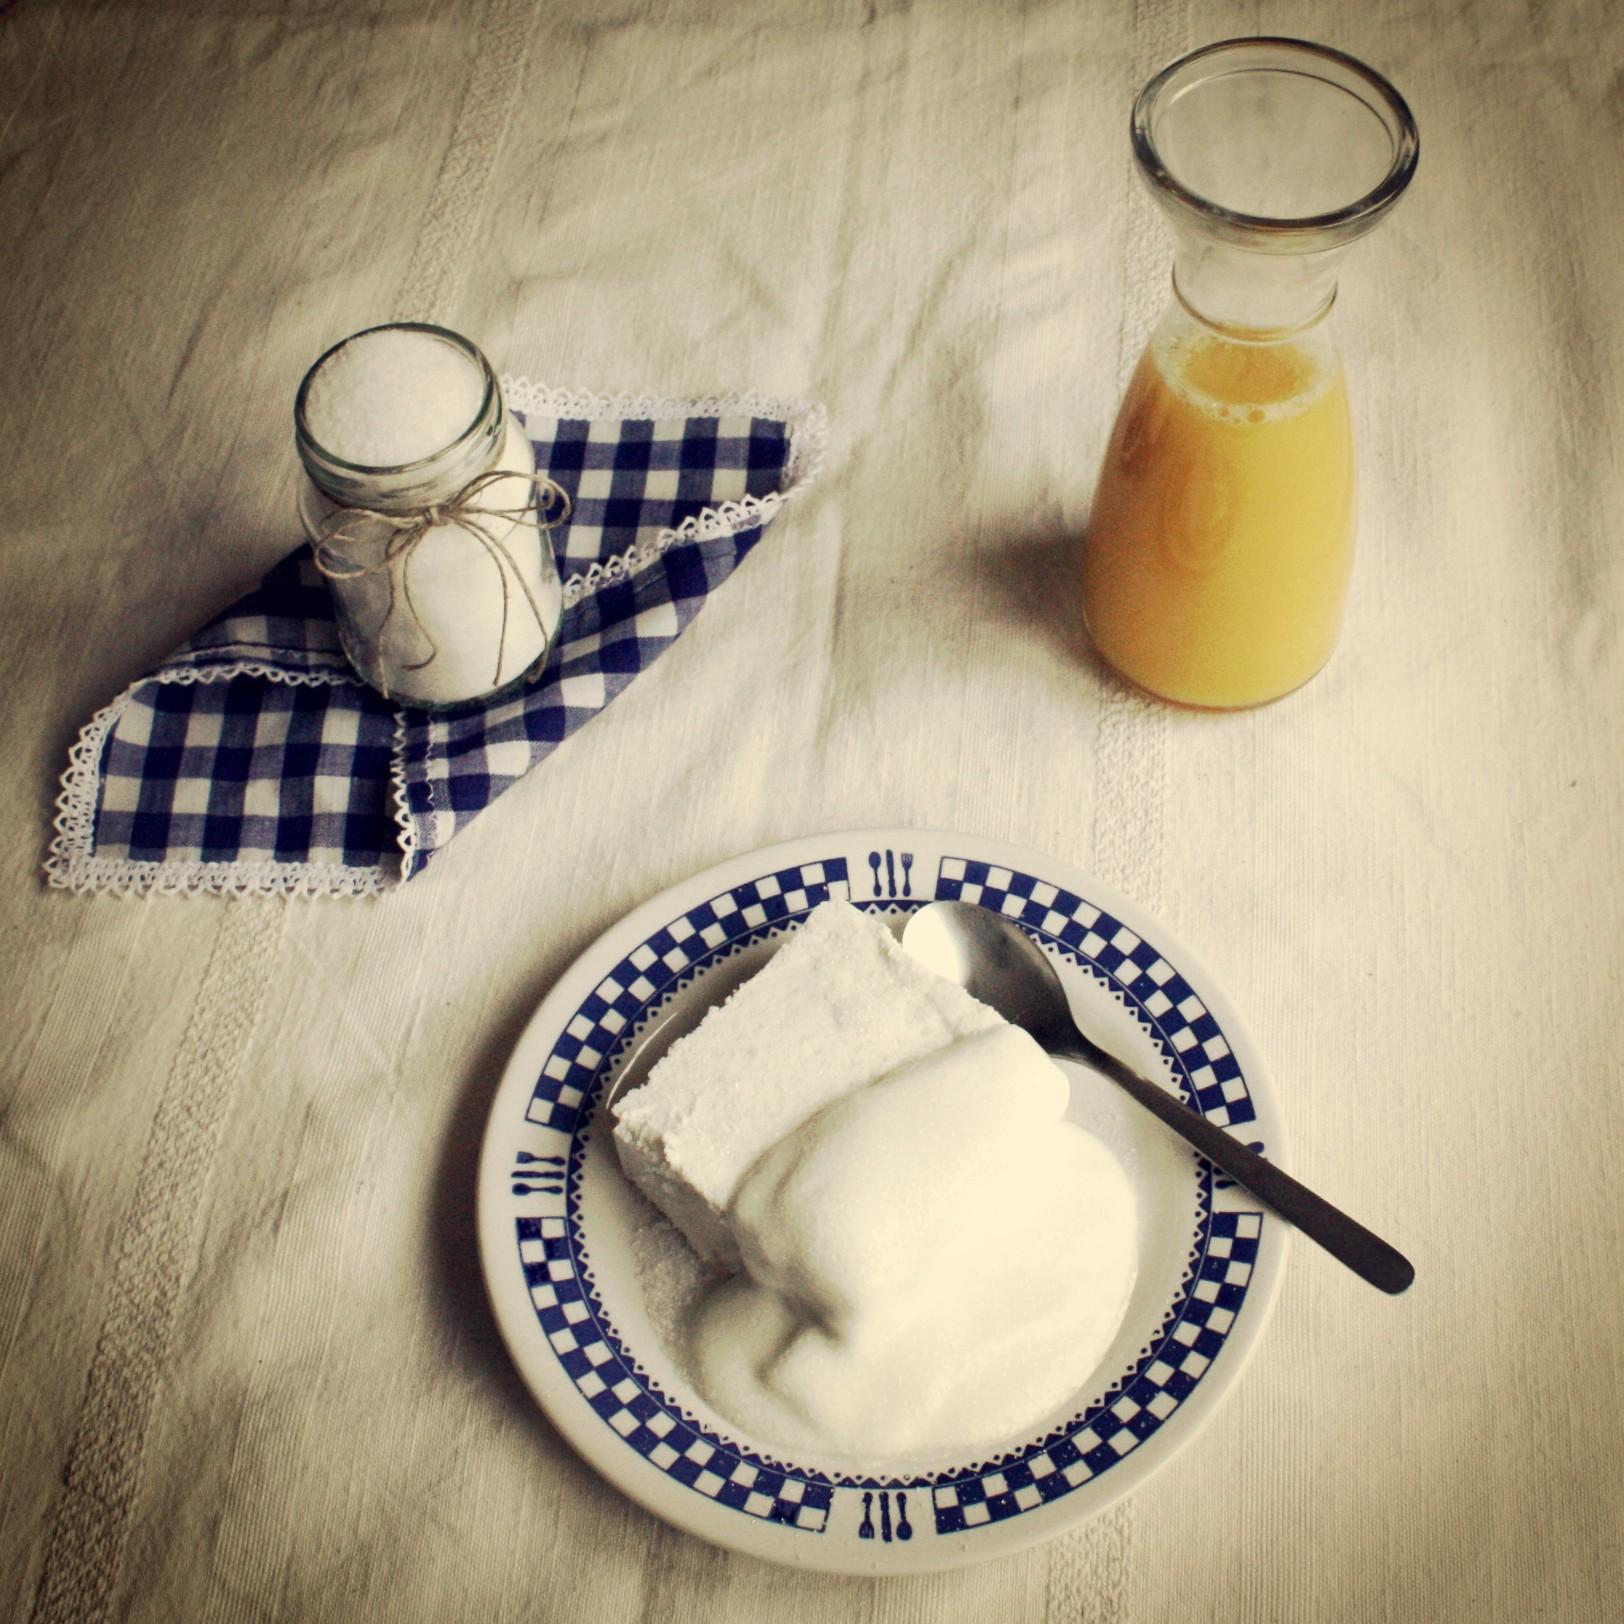 Twarożek ze śmietaną i cukrem